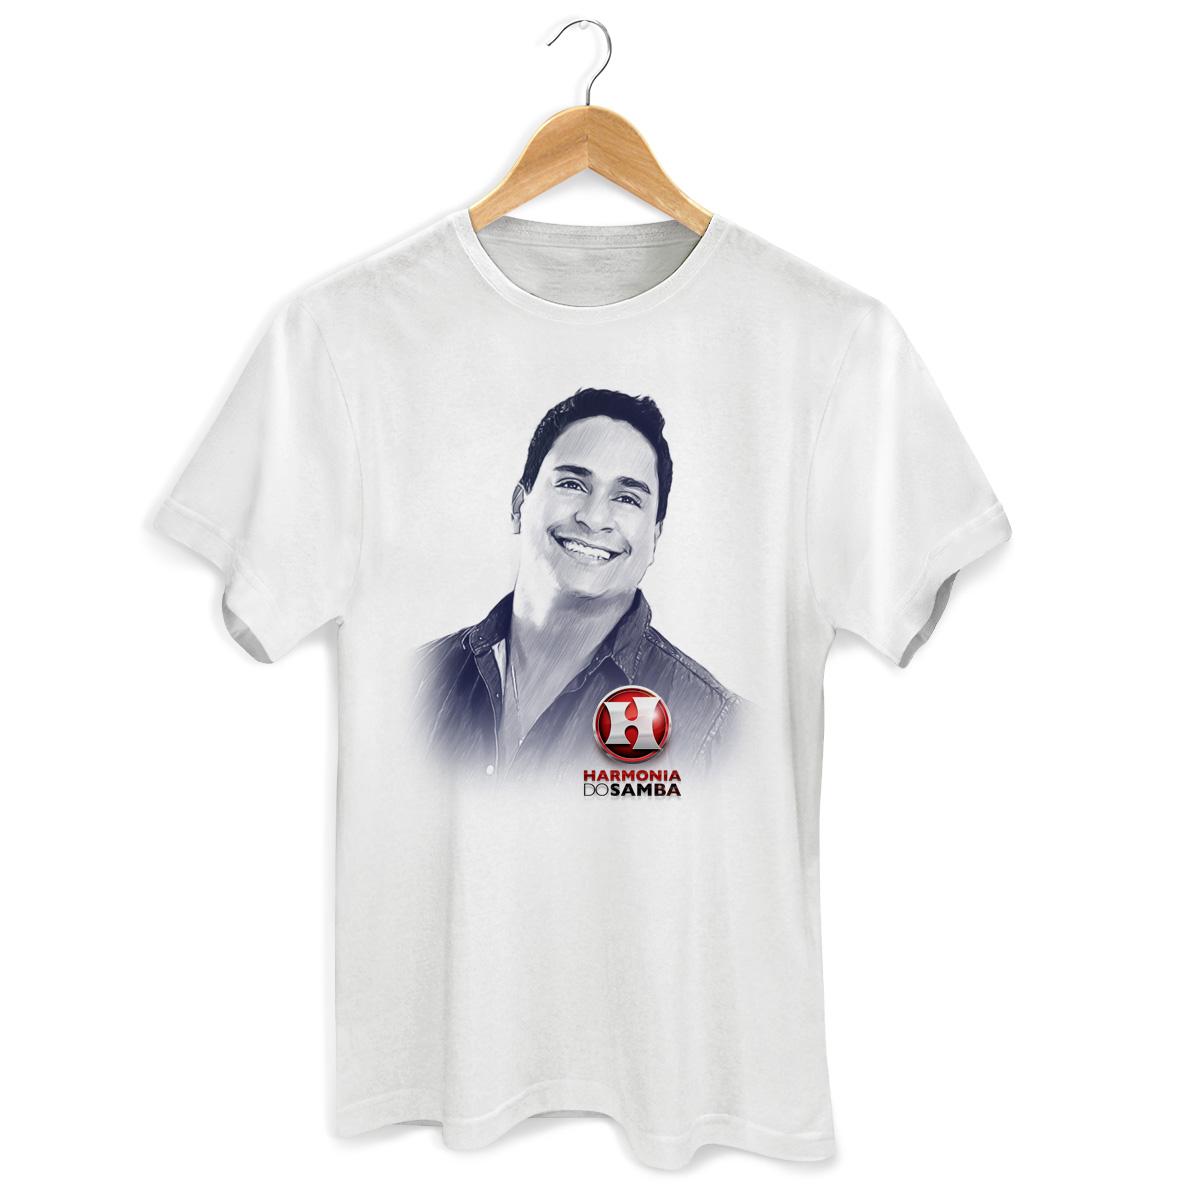 Camiseta Masculina Harmonia do Samba Xanddy